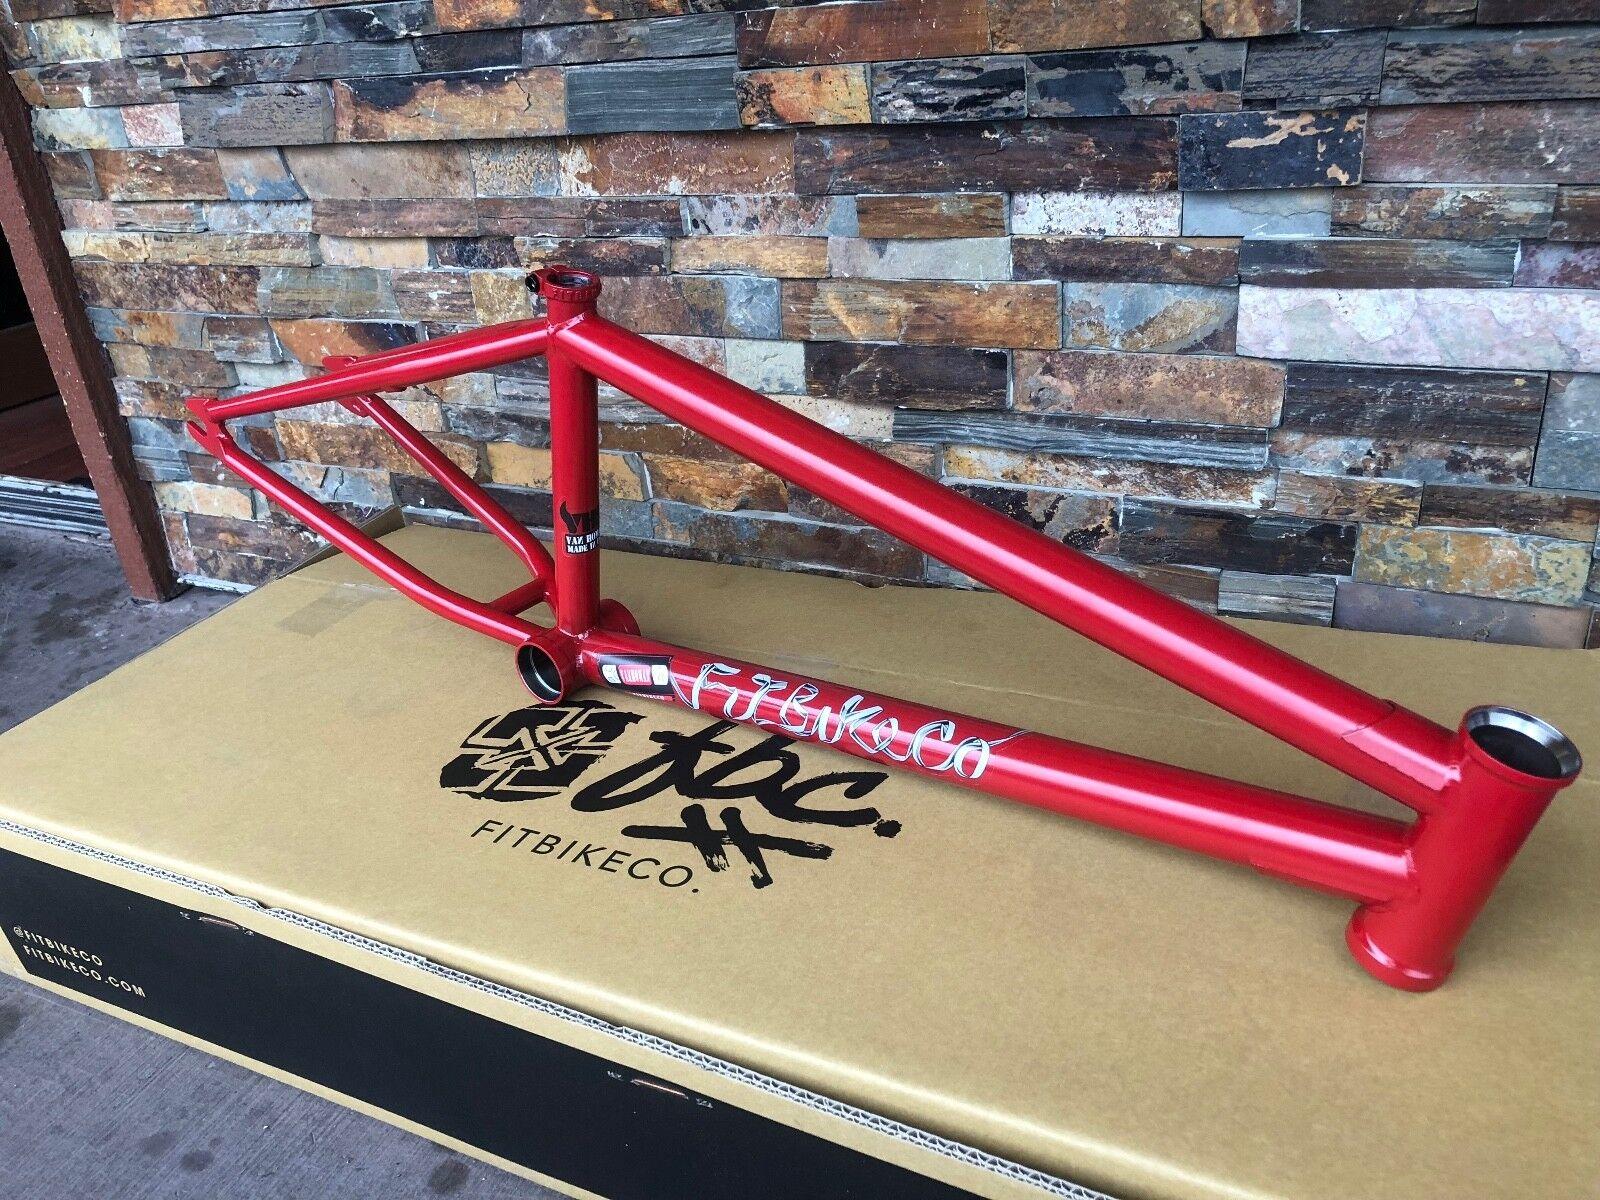 Ajuste las bicicletas van Homan Pequeño Diablo Rojo 20.75 Marco 20.75  Bicicleta Bmx firma Vh